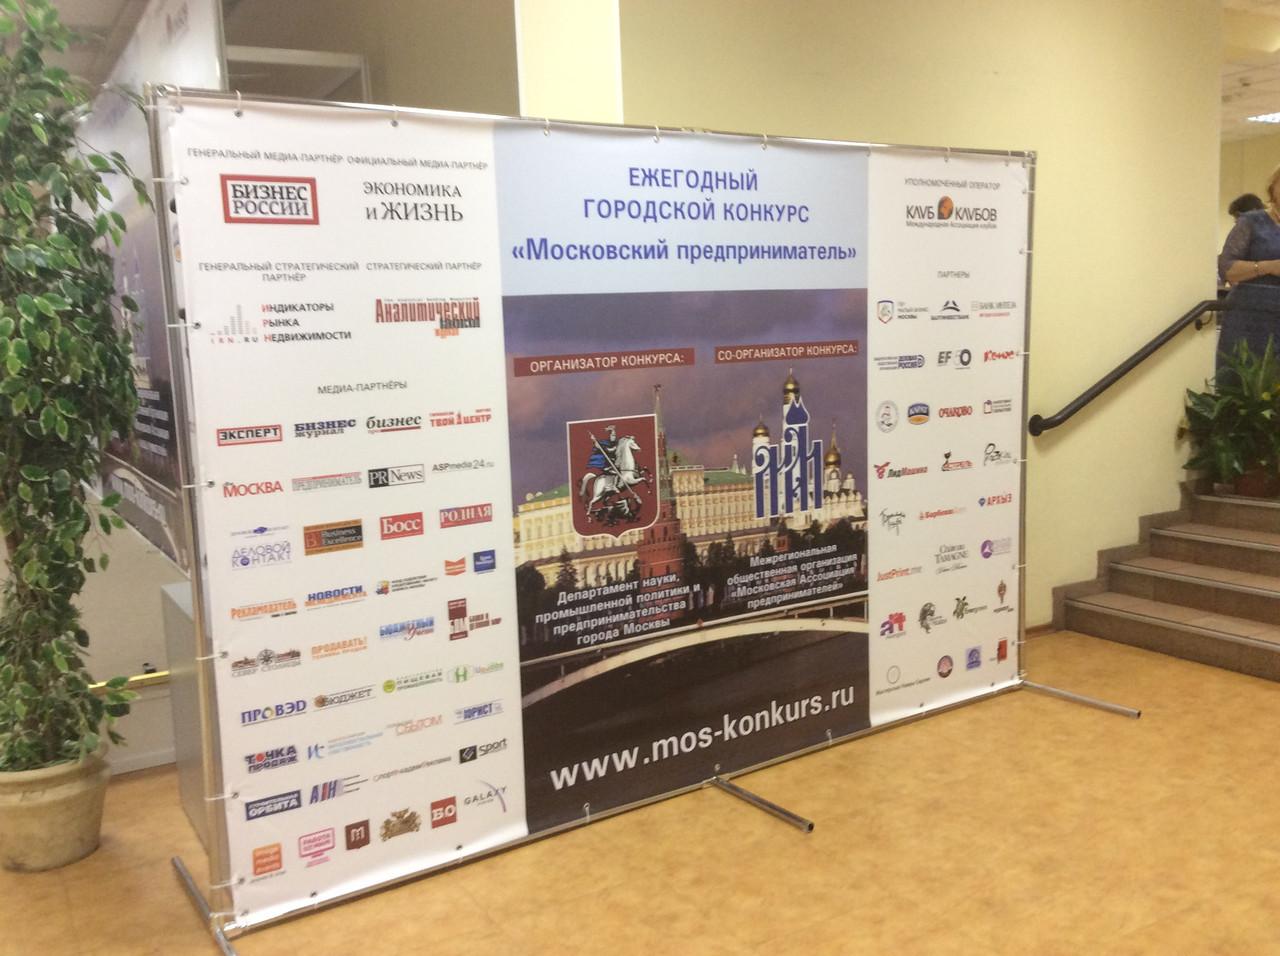 Изготовление brand wall для бизнеса в Москве | фото 2